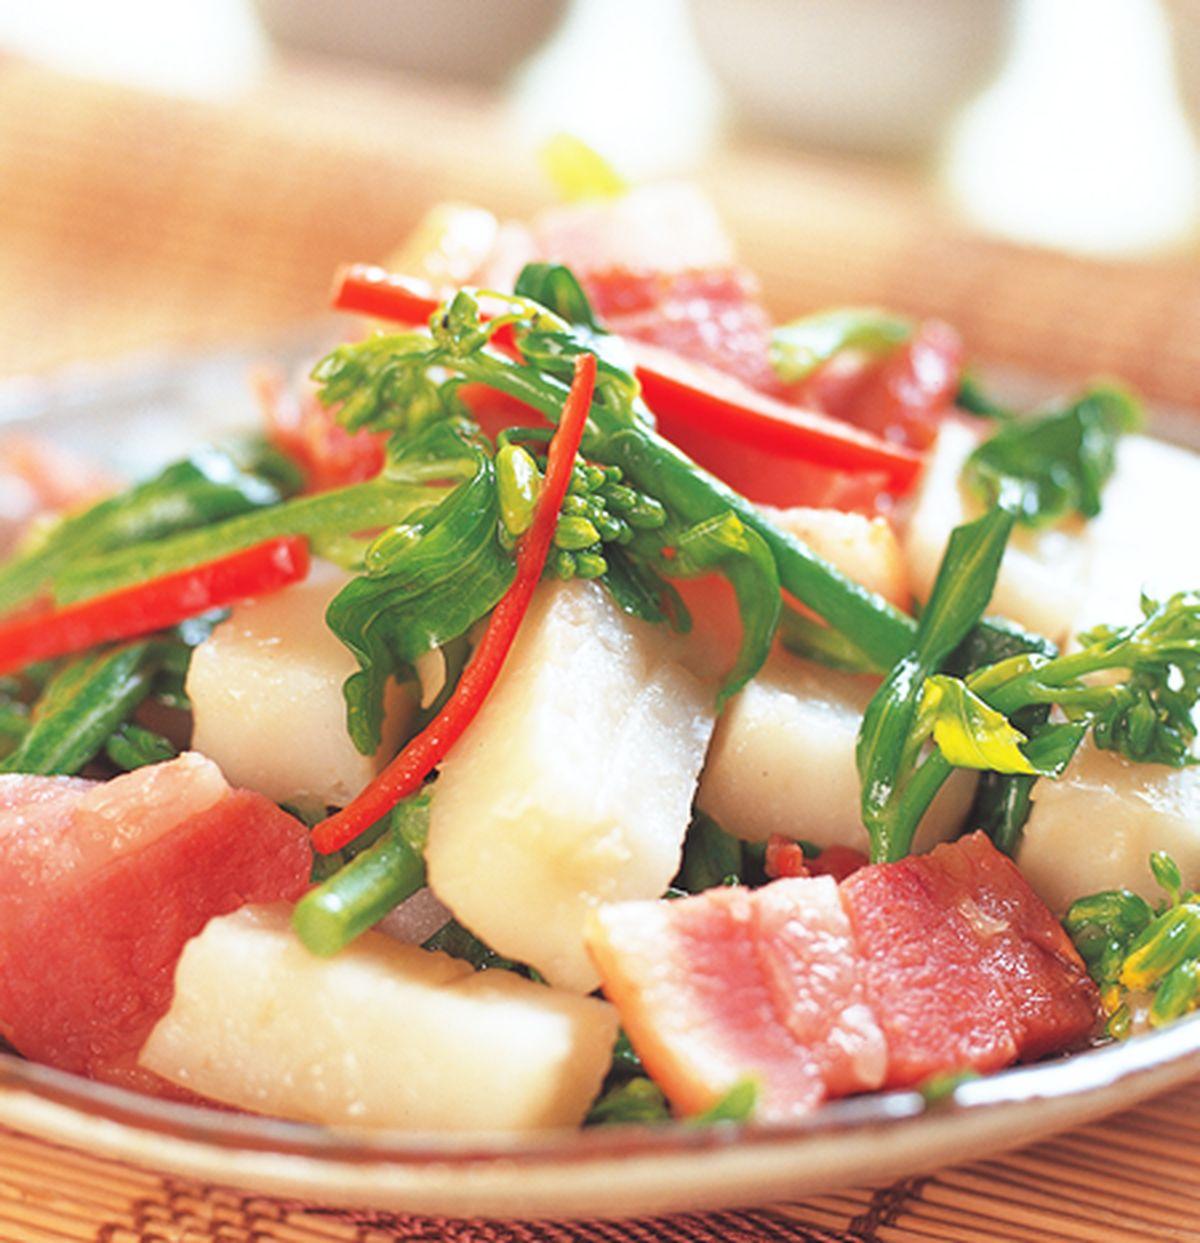 食譜:芥蘭炒蘿蔔糕